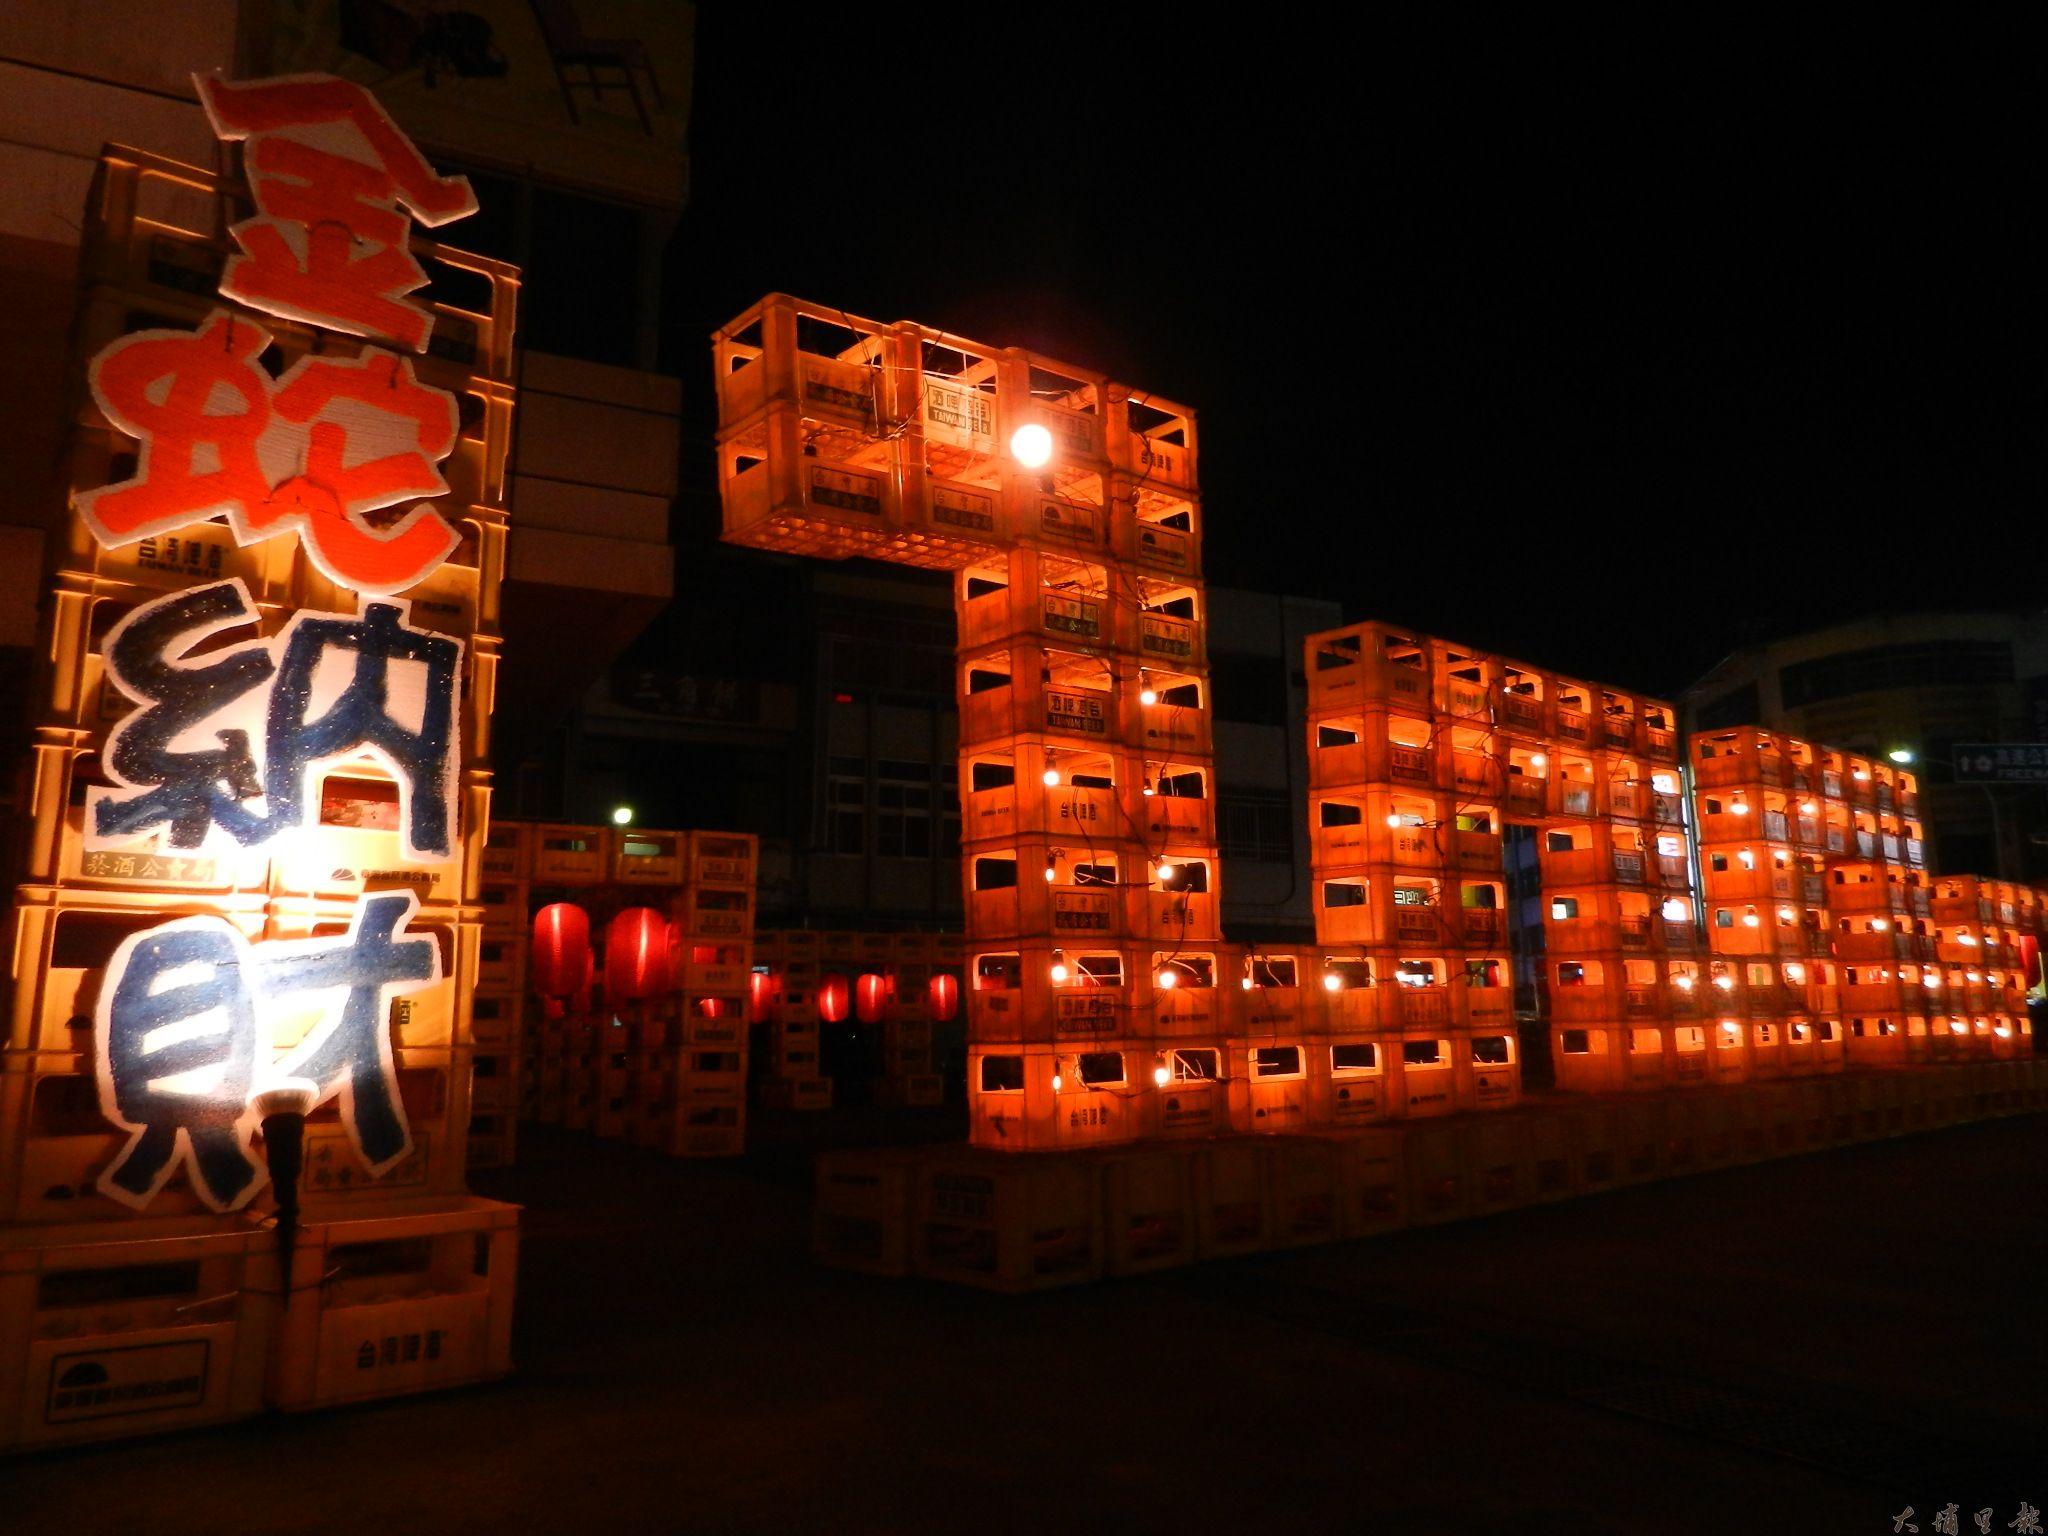 埔里西站的「金蛇納財」啤酒箱花燈。 (廖堉汝攝)